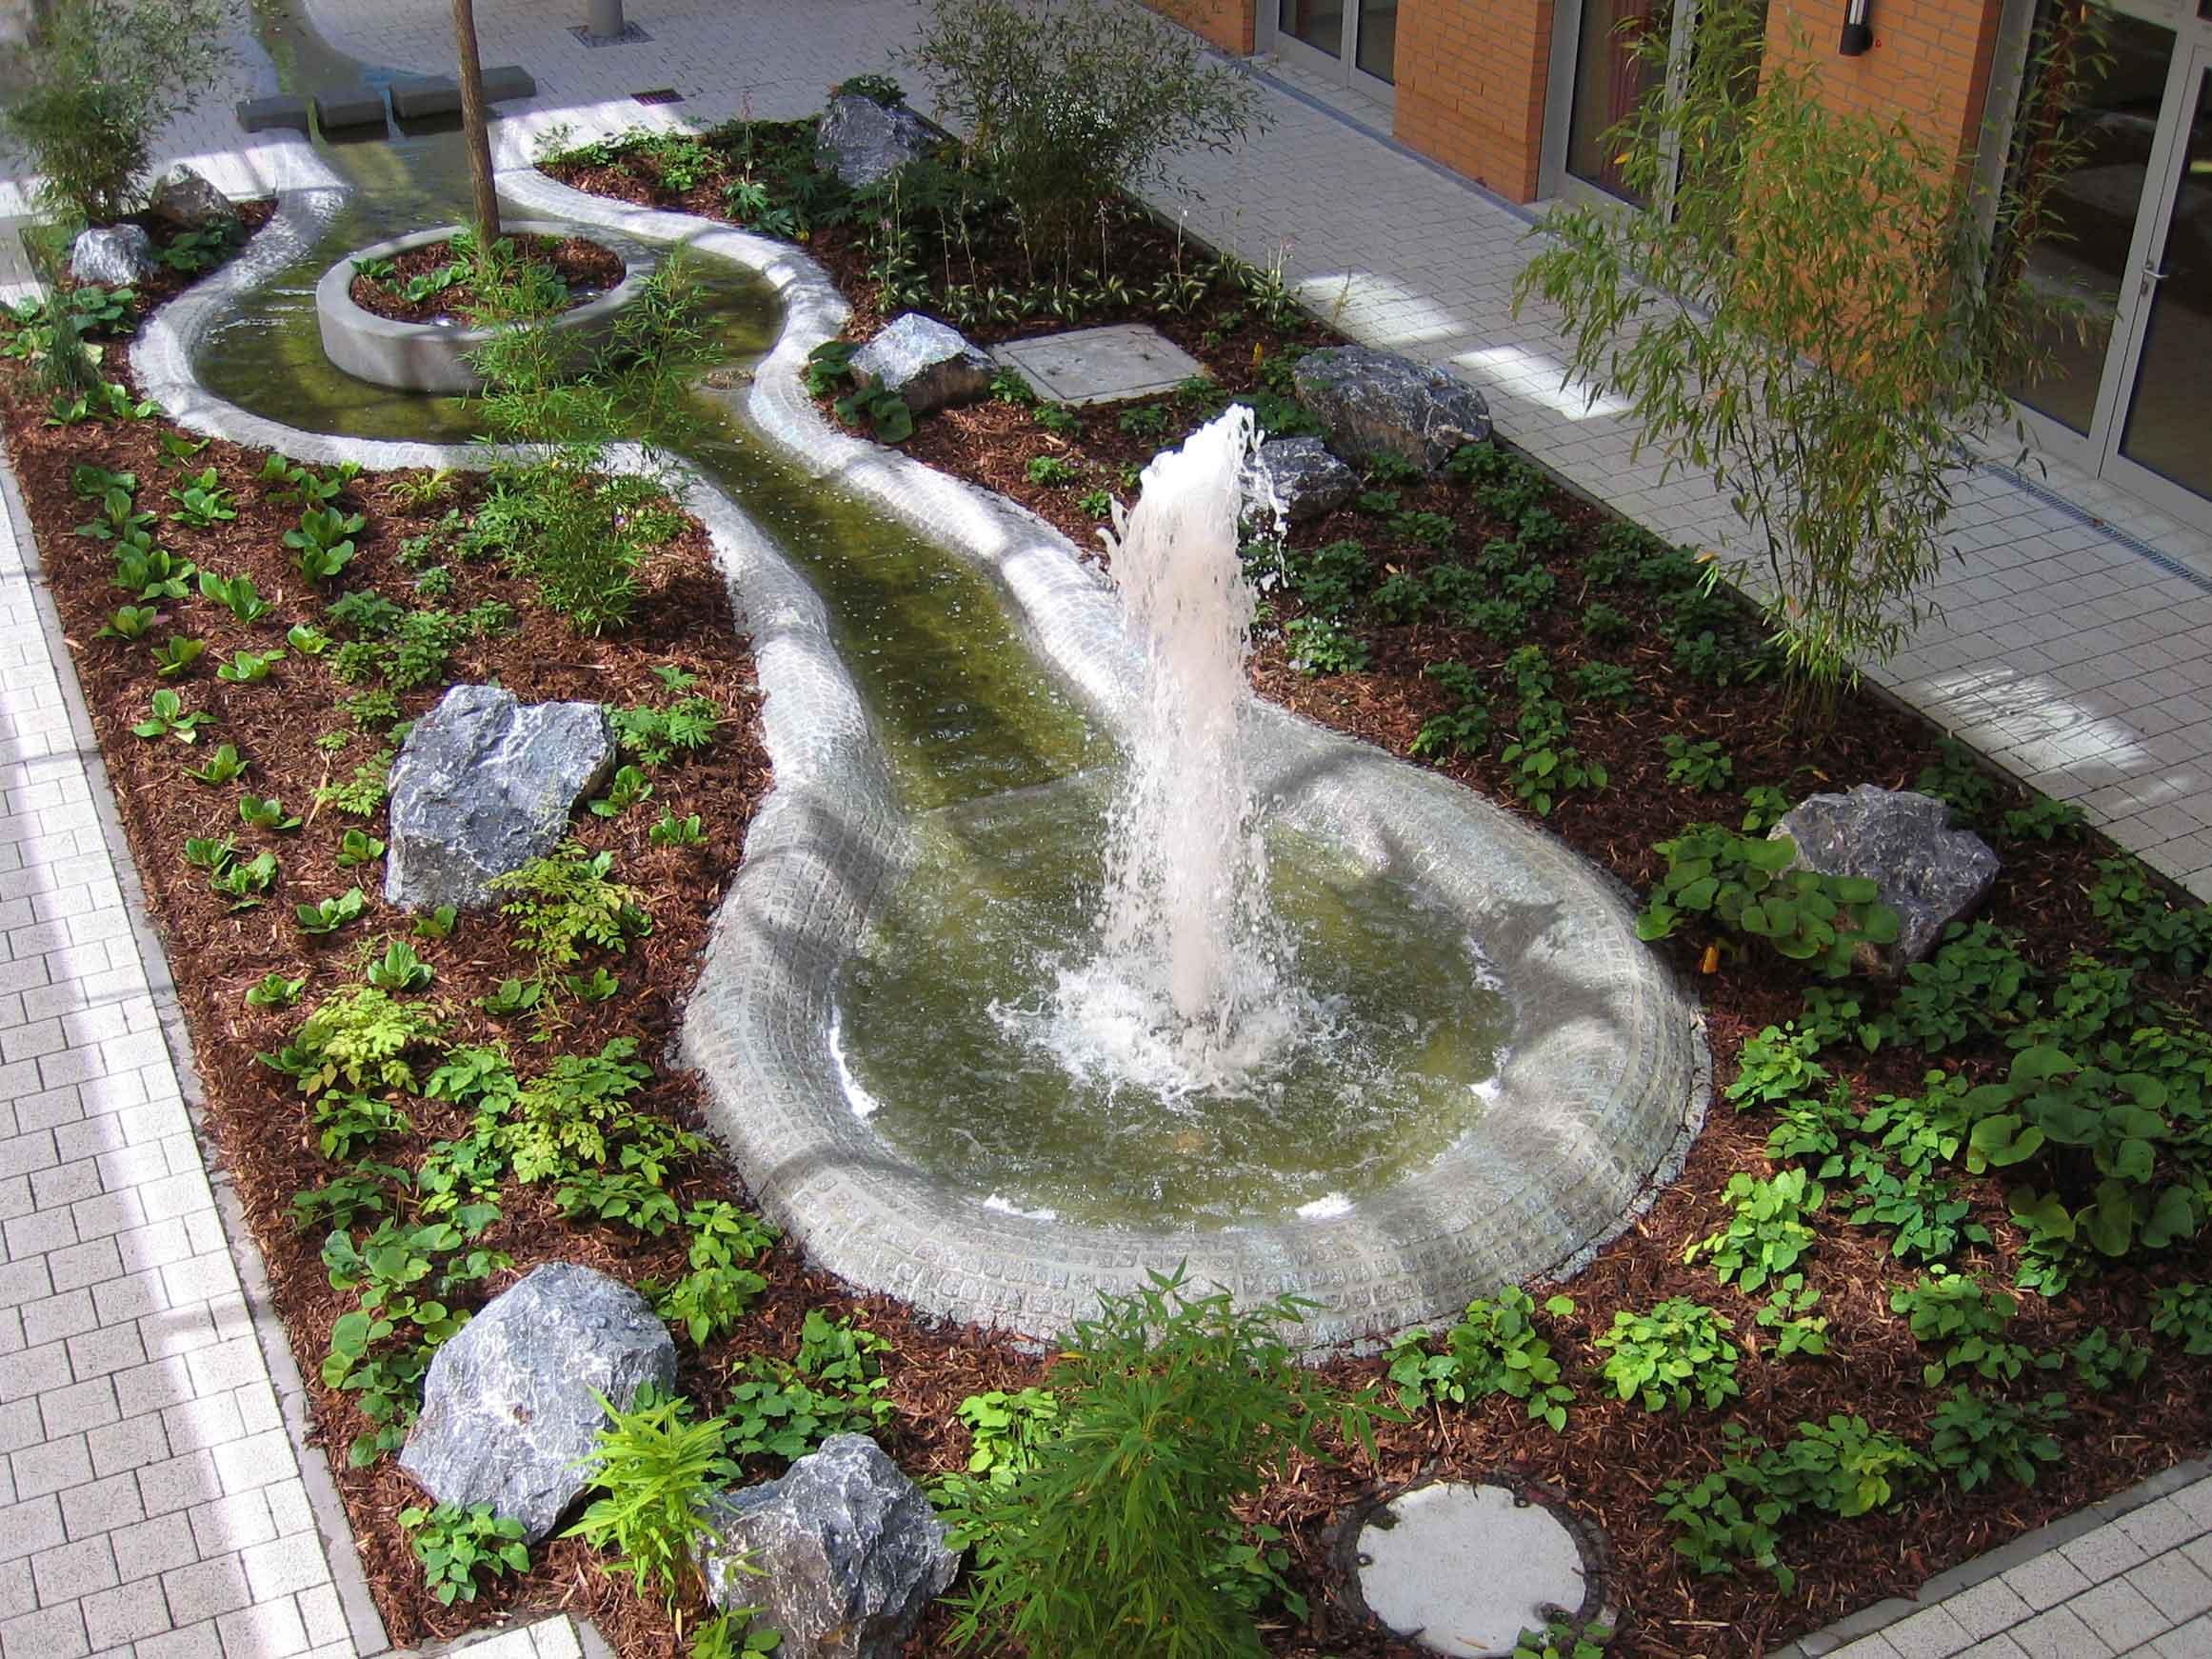 wassergarten im innenhof horsthemke gmbh springbrunnen wasserspiele schwimmfont nen. Black Bedroom Furniture Sets. Home Design Ideas